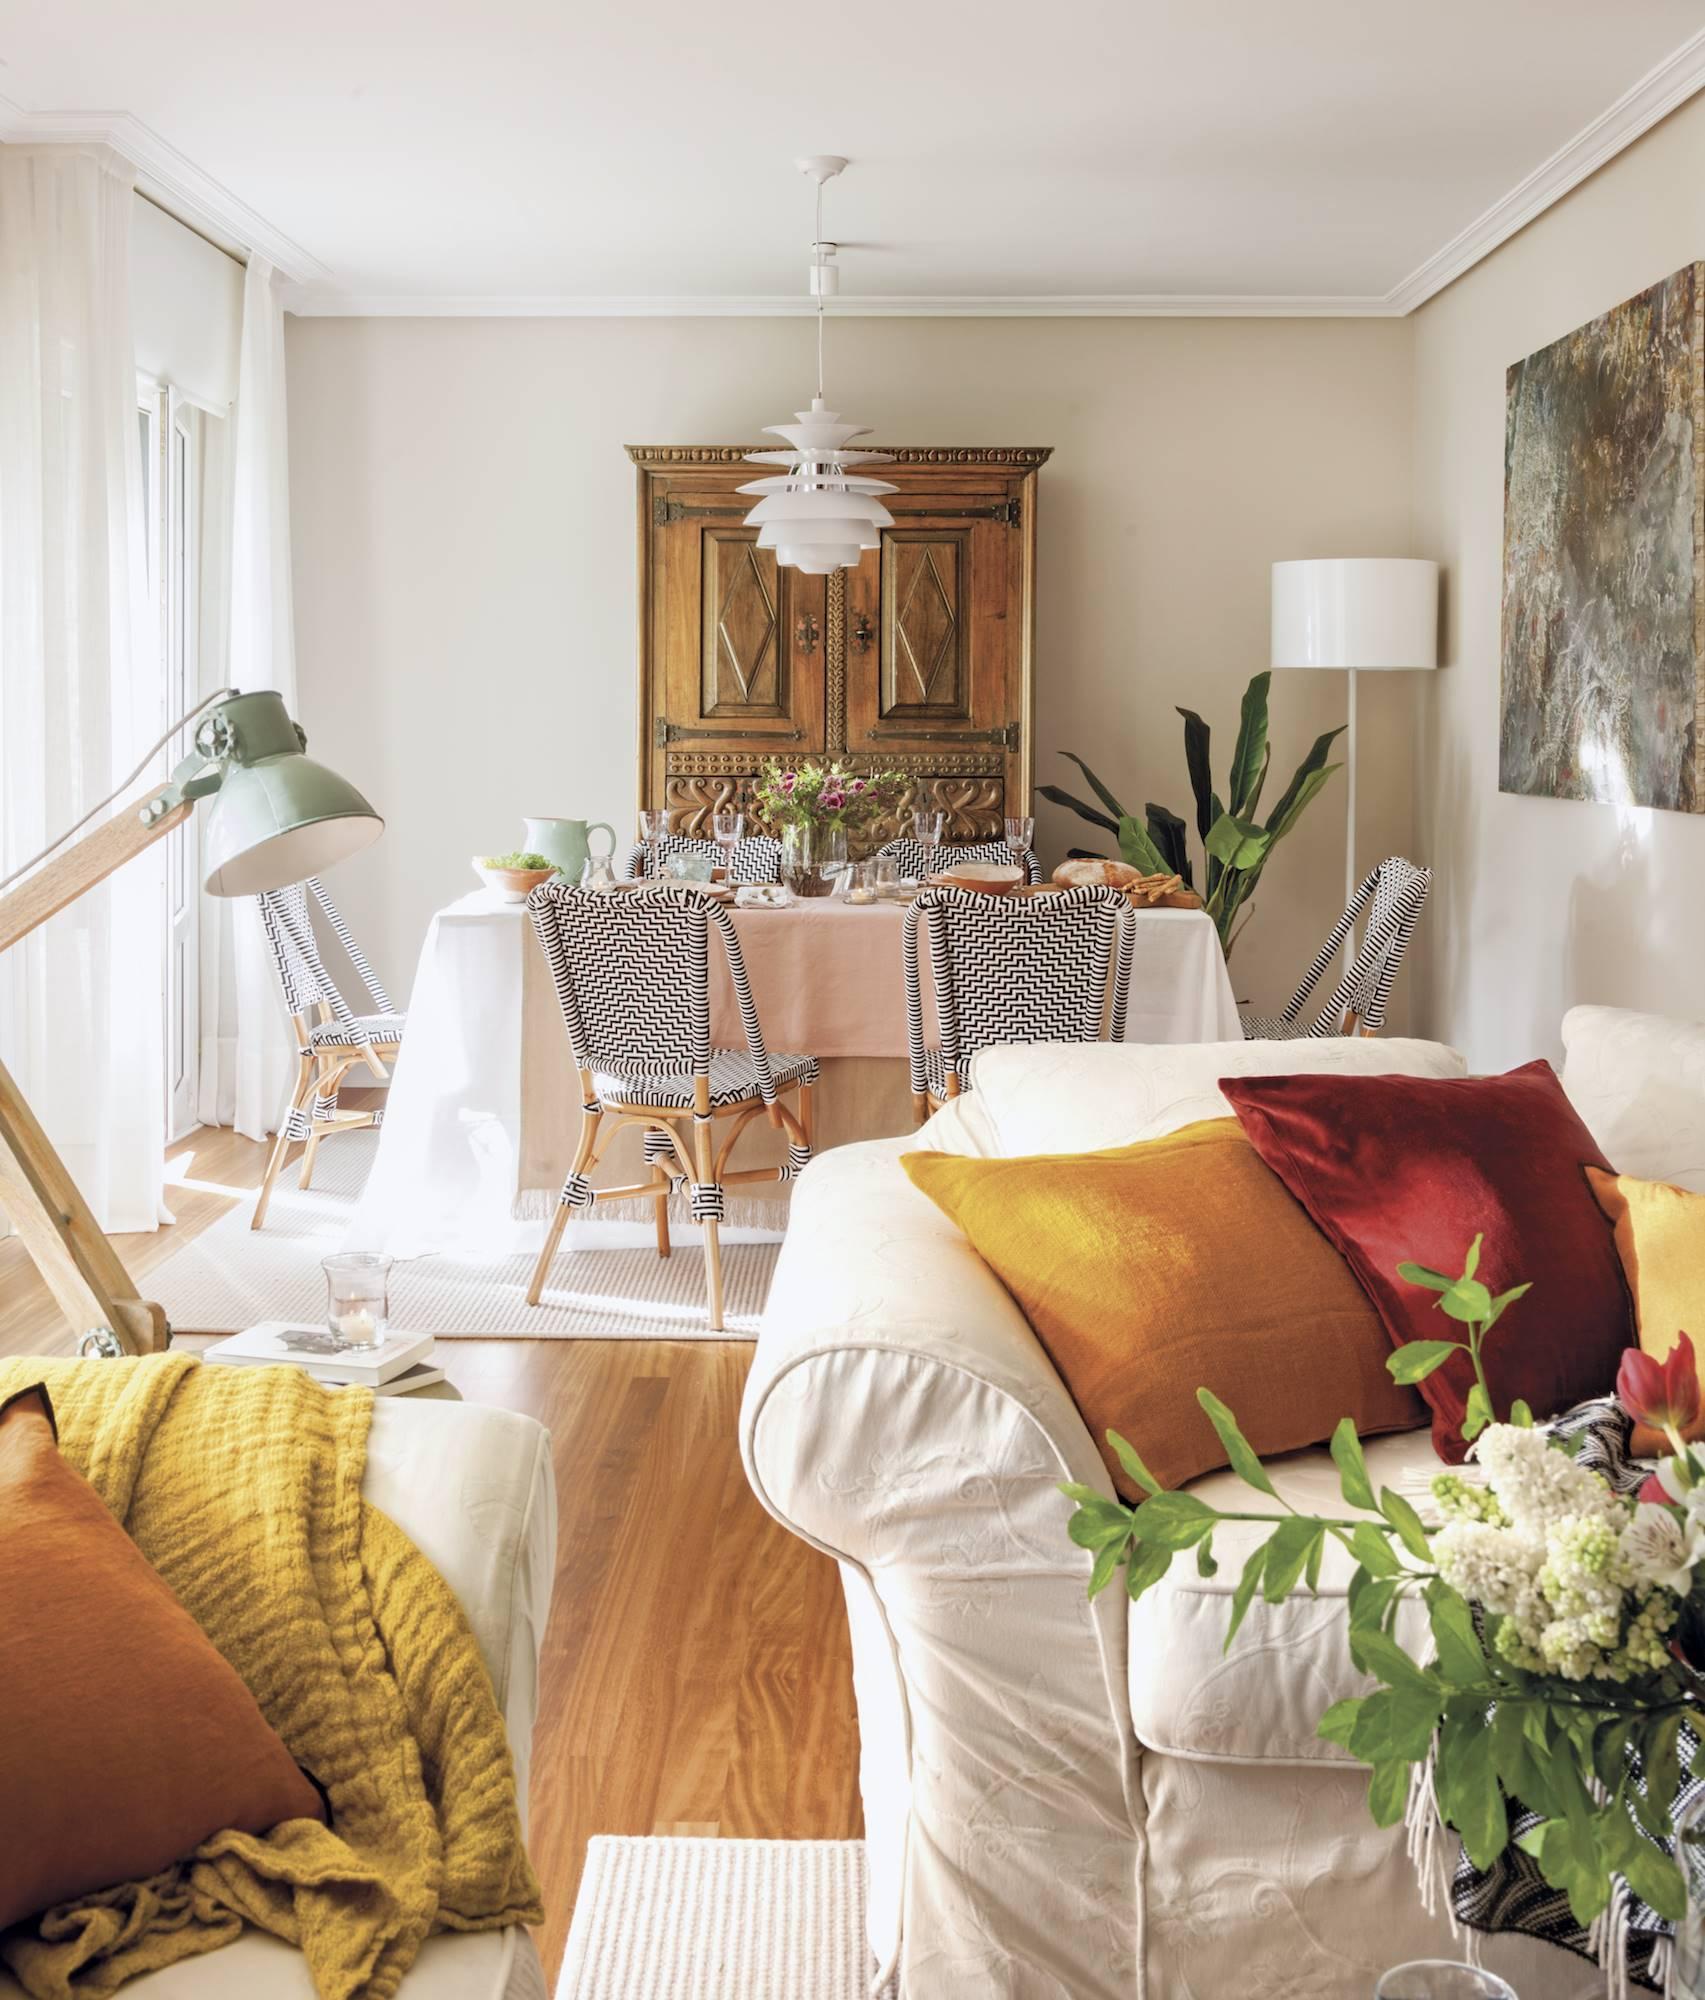 Revisa y actualiza las lámparas de tu casa ¿Son las adecuadas?